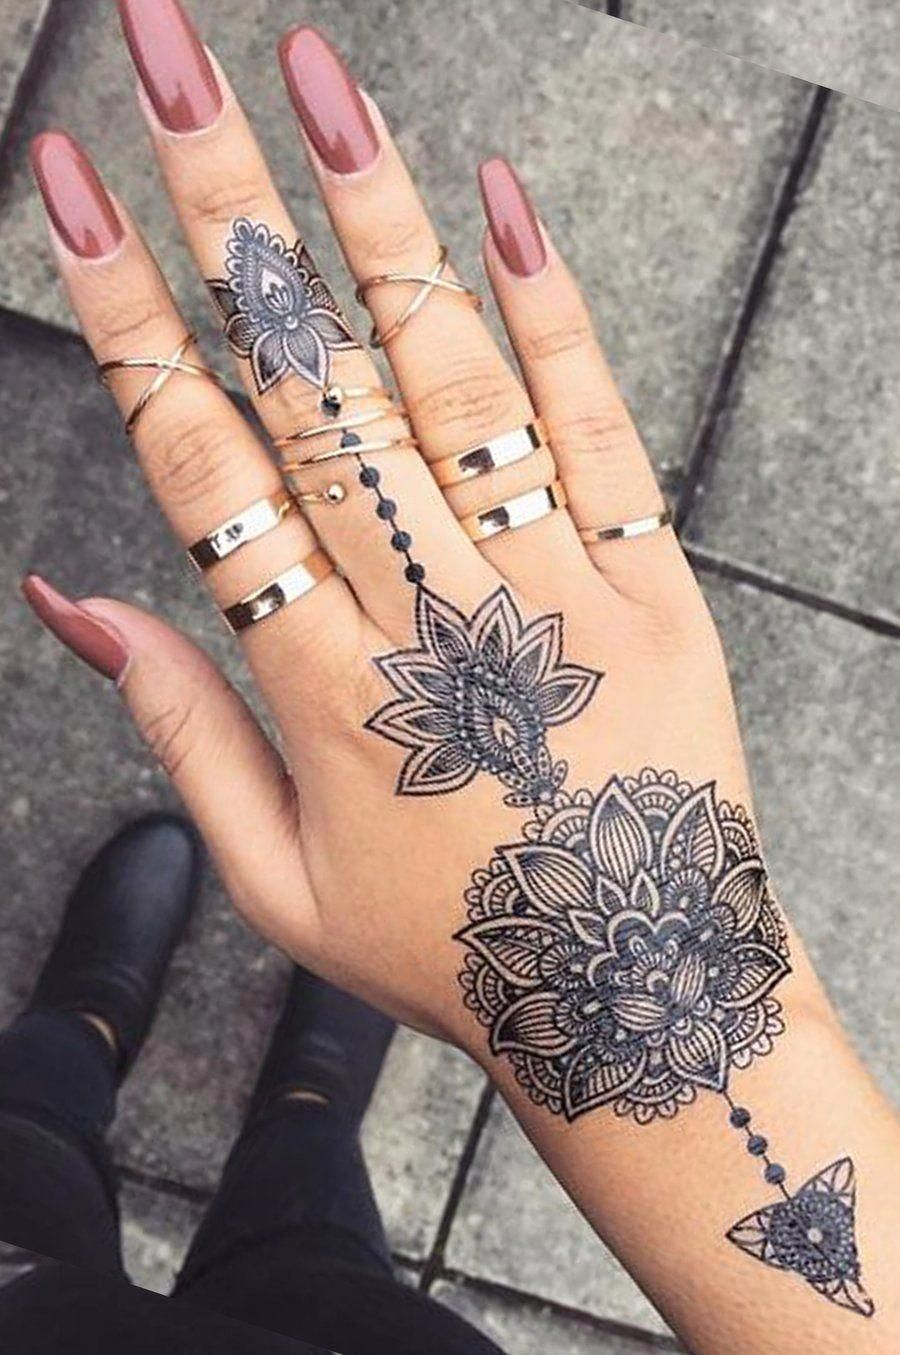 Hand Tattoo Ideas Best Of Pretty Tattoos Mandalatattoo In 2020 Aztec Tattoo Hand Tattoos Aztec Tribal Tattoos